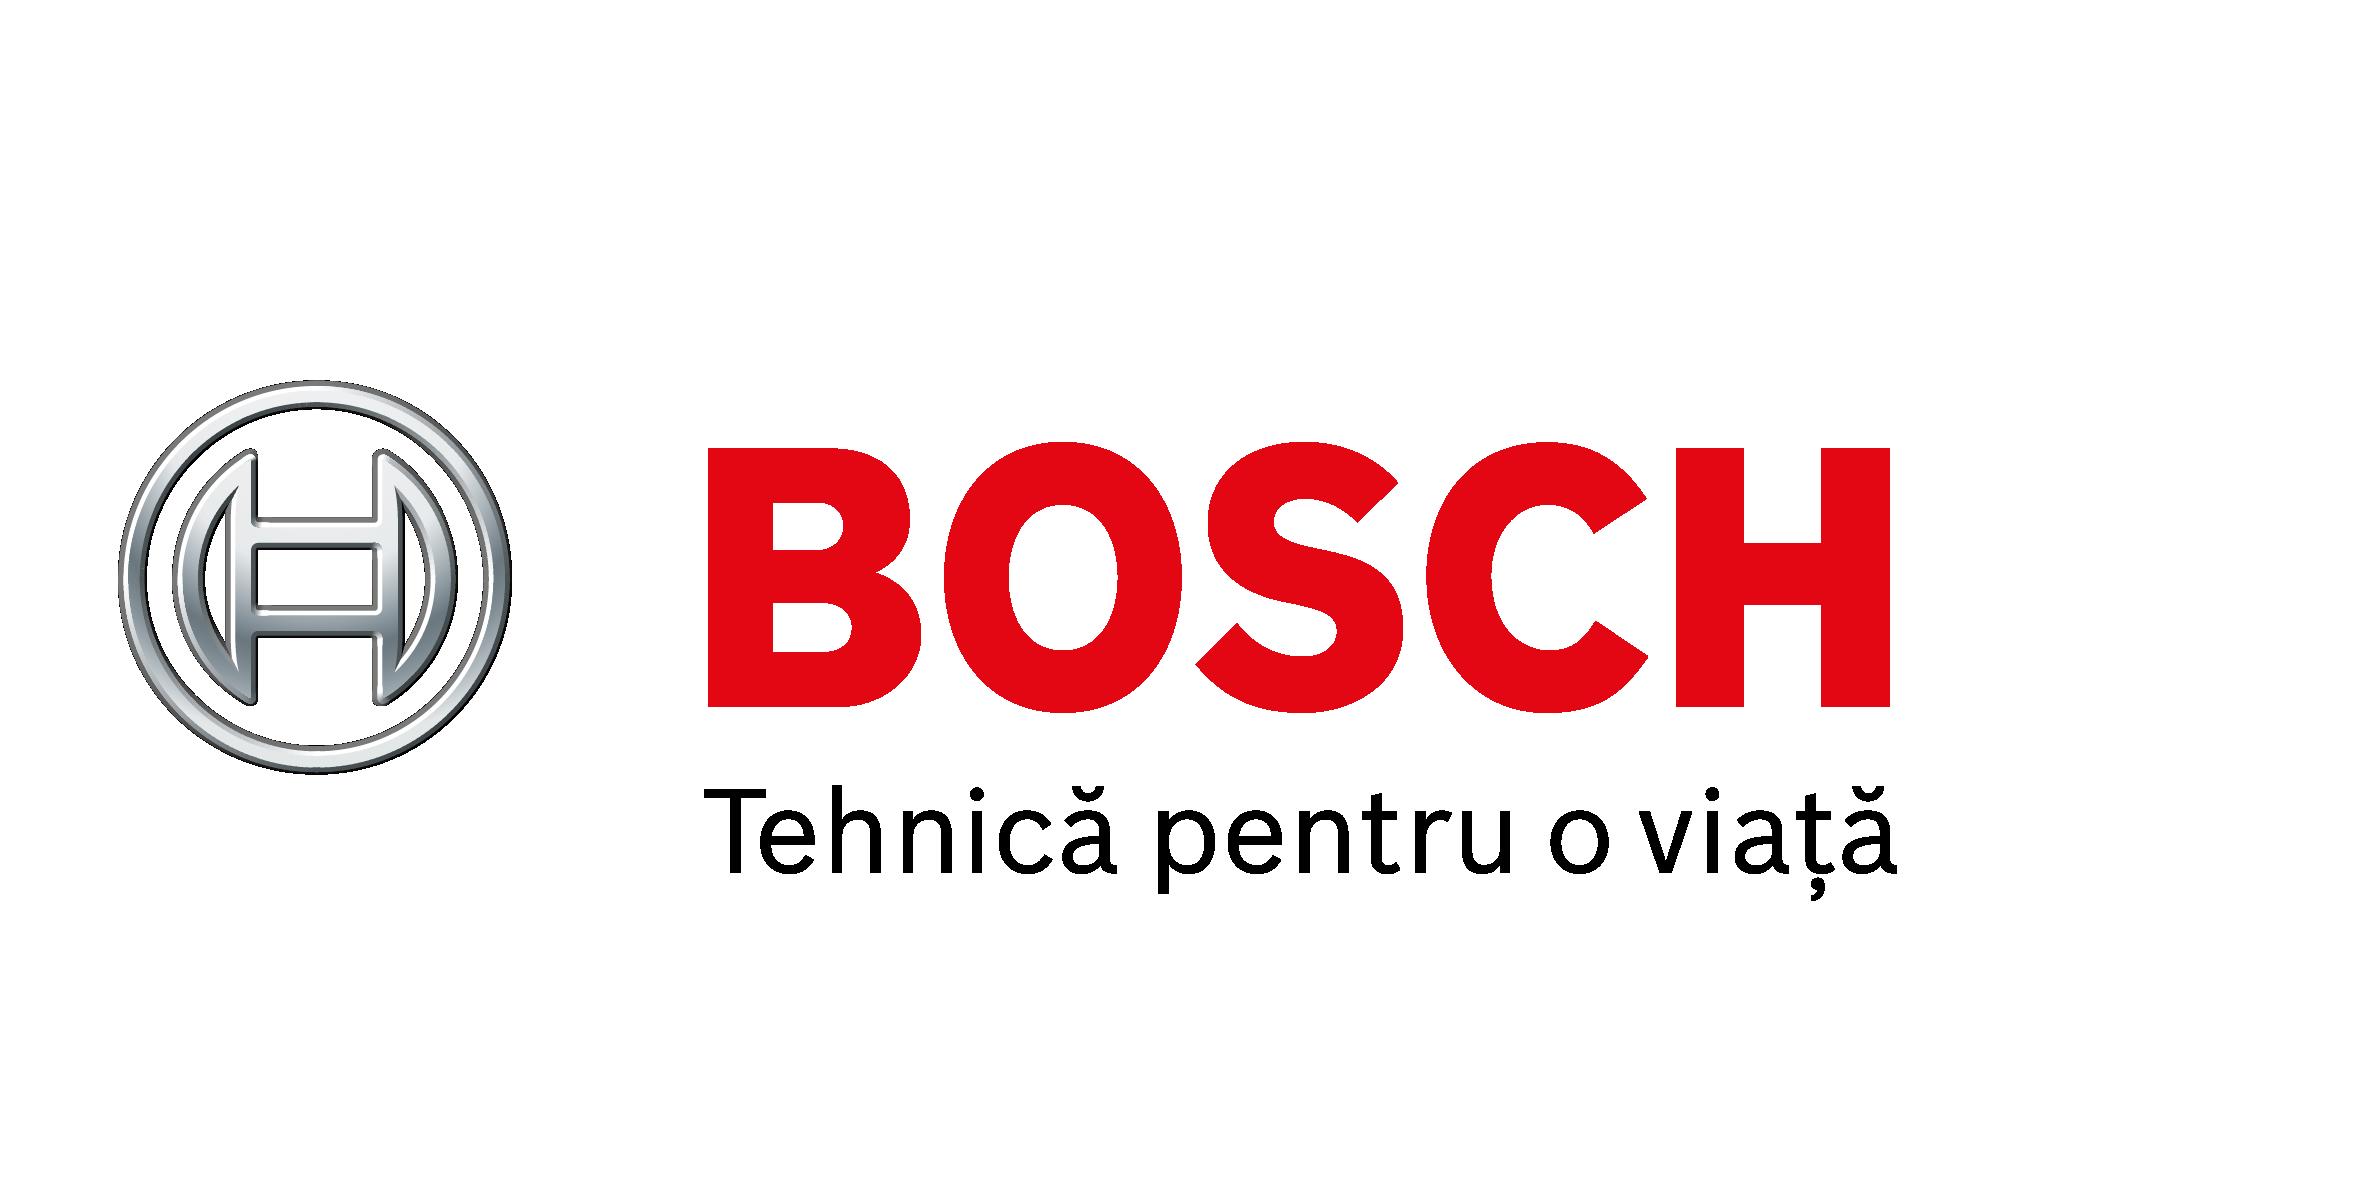 Bosch_SL-ro_4C_S - EDITABIL-01